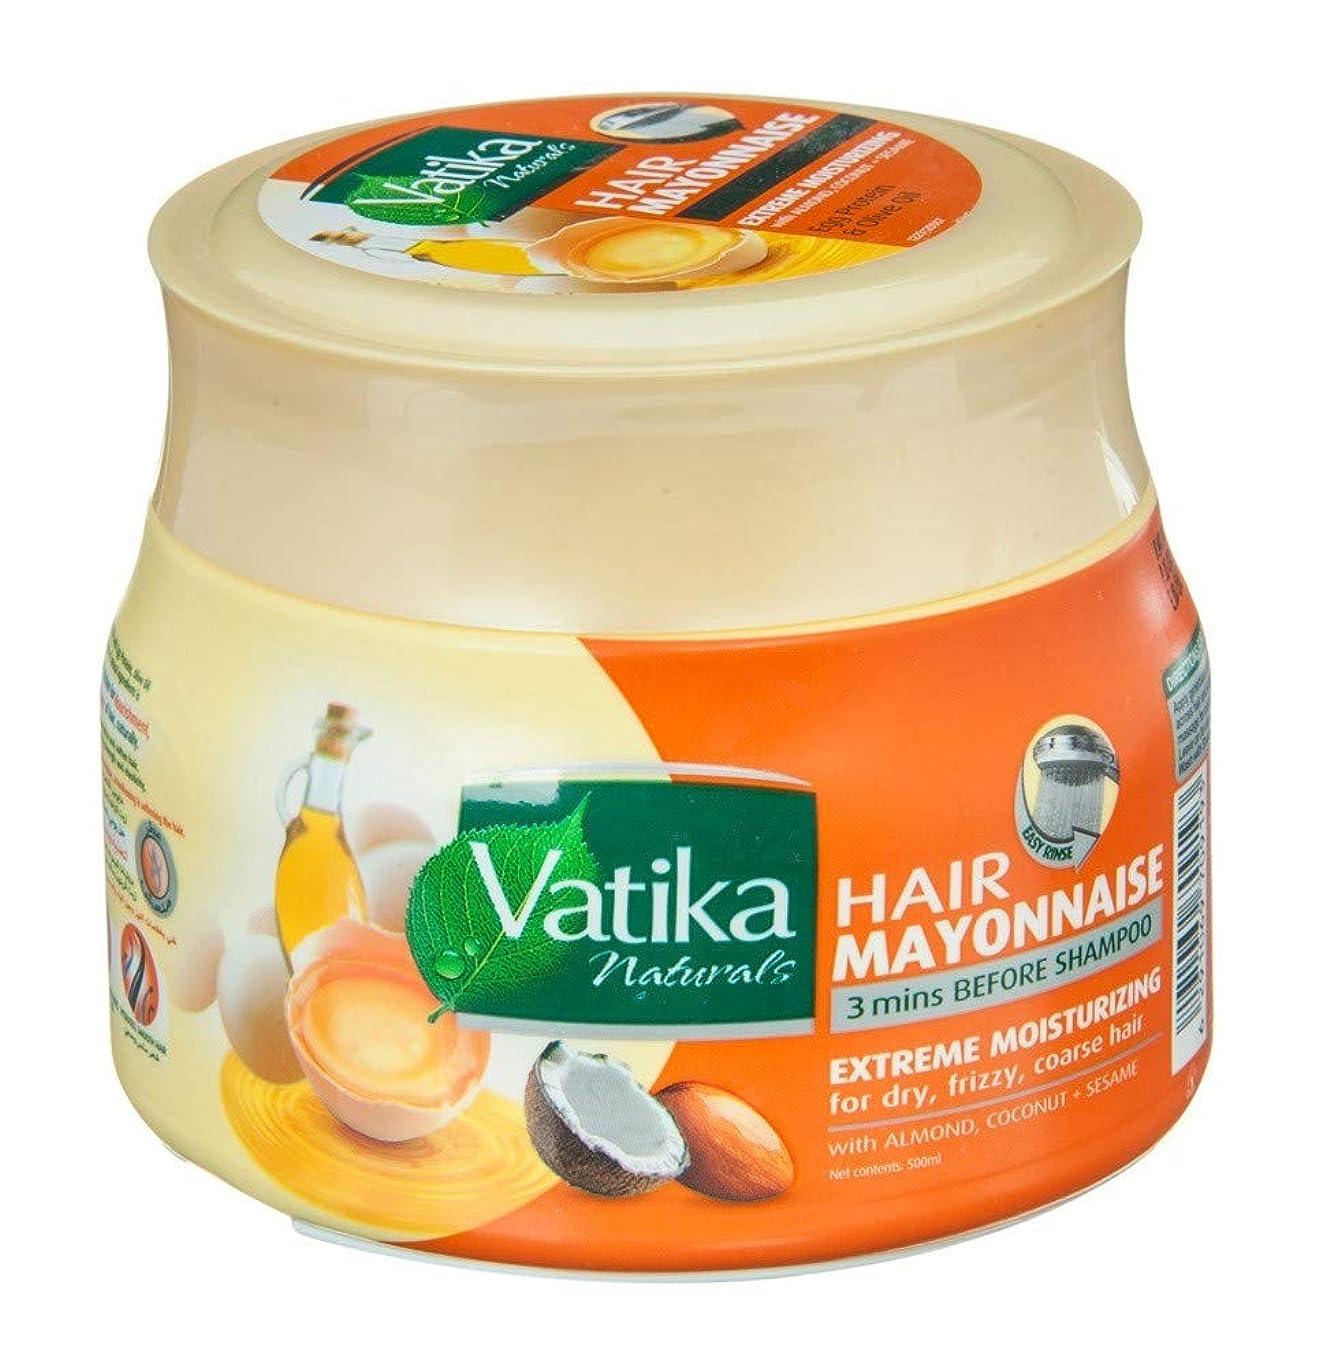 強盗人類あいにくNatural Vatika Hair Mayonnaise Moisturizing 3 mins Before Shampoo 500 ml (Extreme Moisturizing (Almond, Coconut, Sesame))